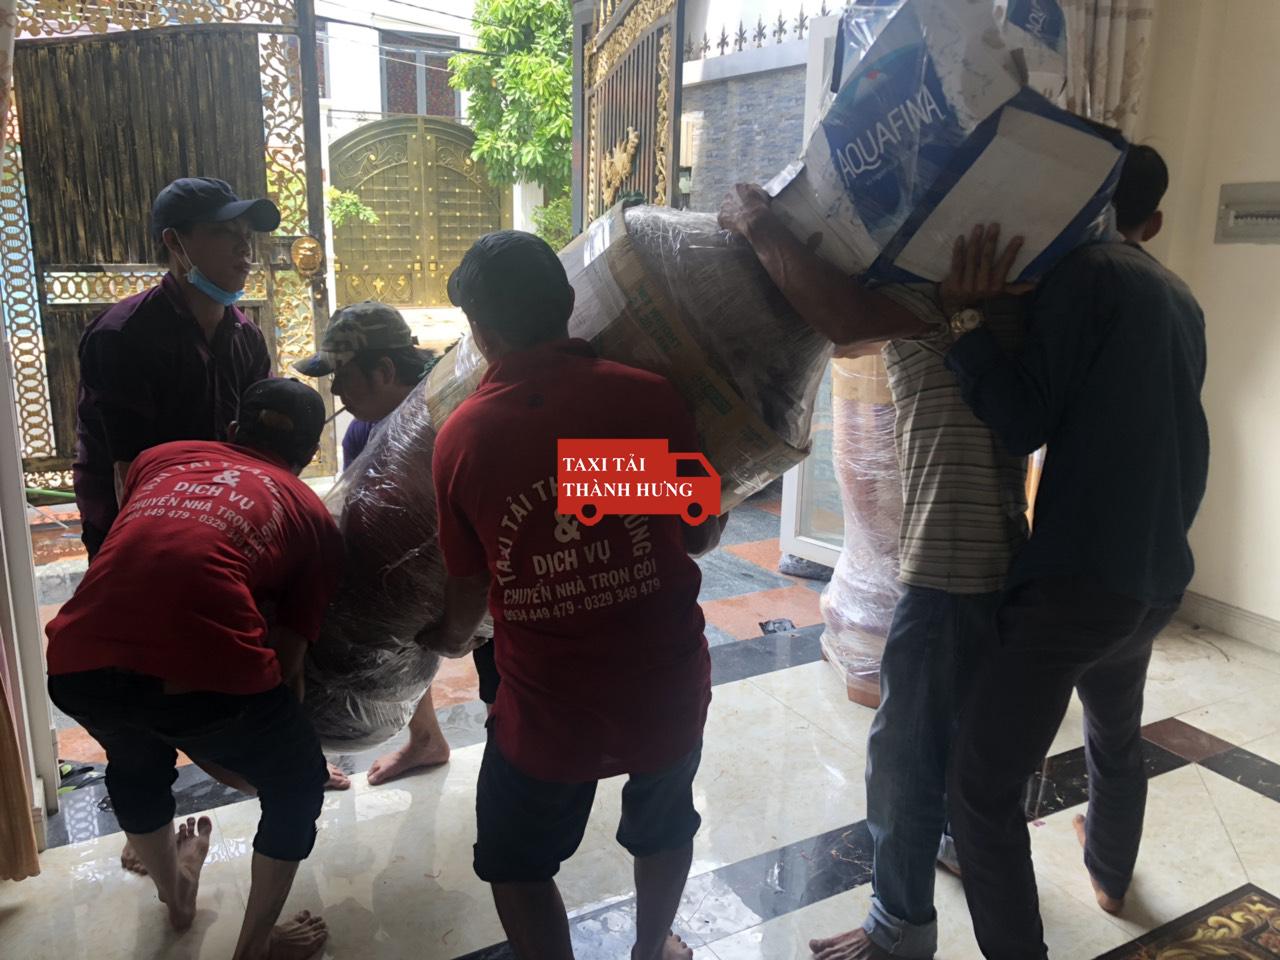 chuyển nhà thành hưng,Taxi tải Thành Hưng chuyển đồ nhanh quận 4